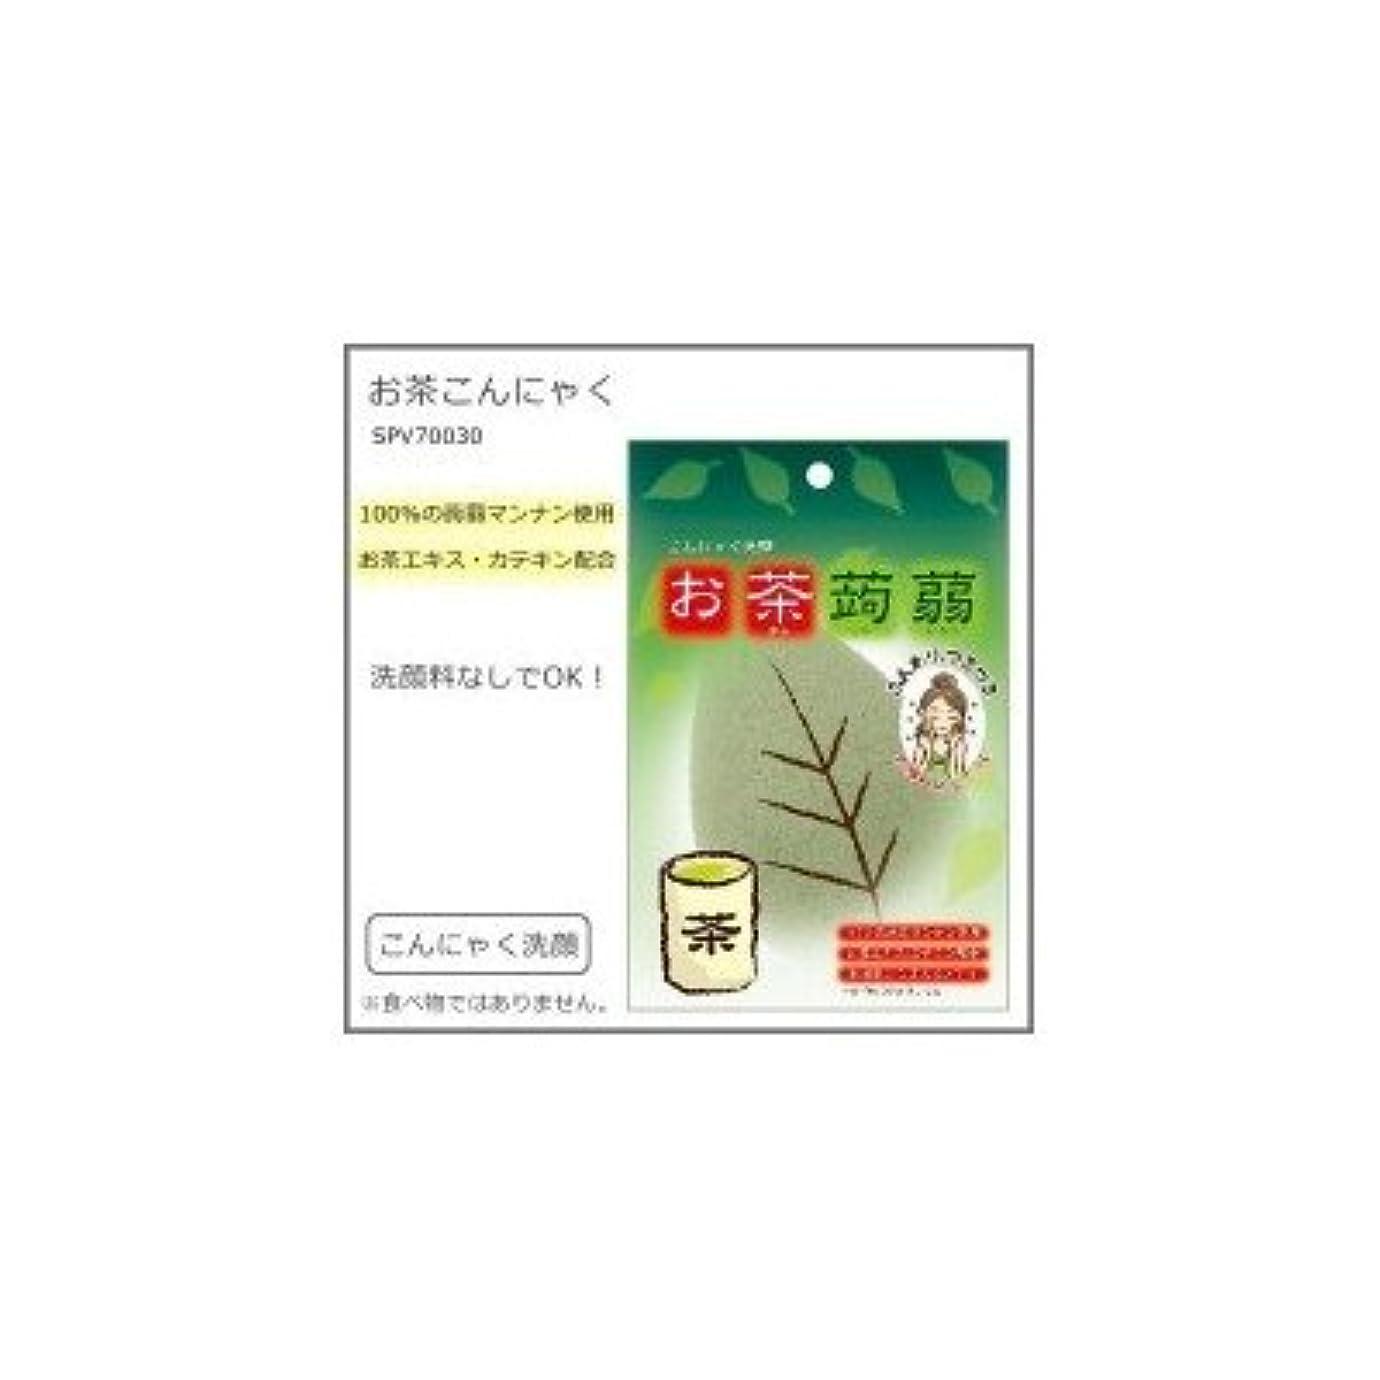 ヤギレッドデート実装するお茶こんにゃく SPV70030 洗顔料なしで使える こんにゃく洗顔